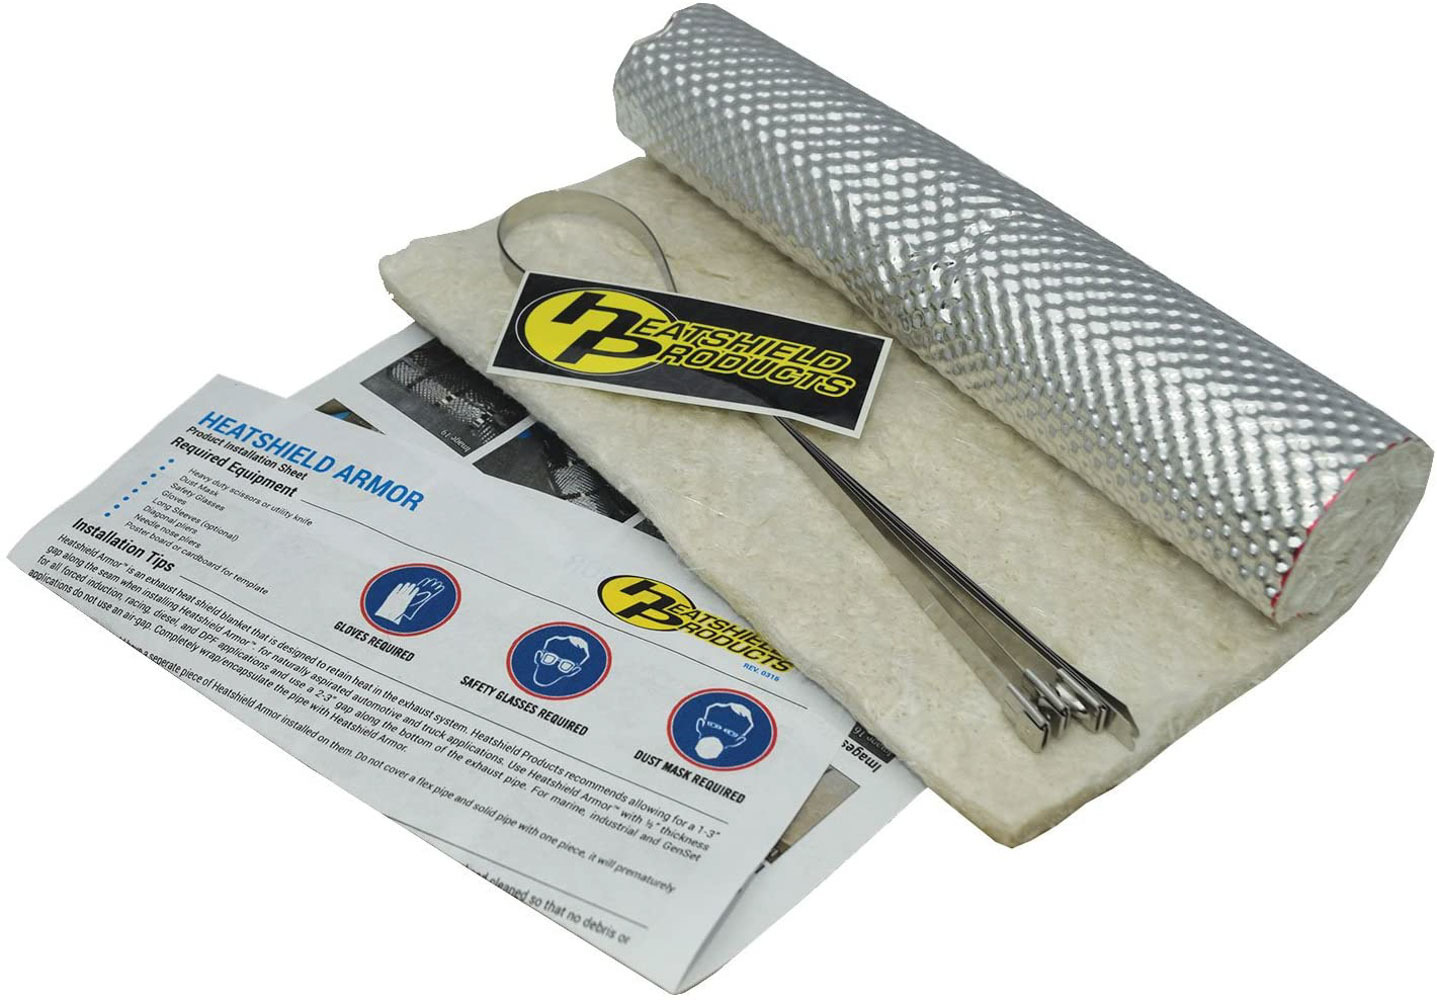 Heatshield Products Heatshield Armor Kit w/ ties 12 in x 10 in